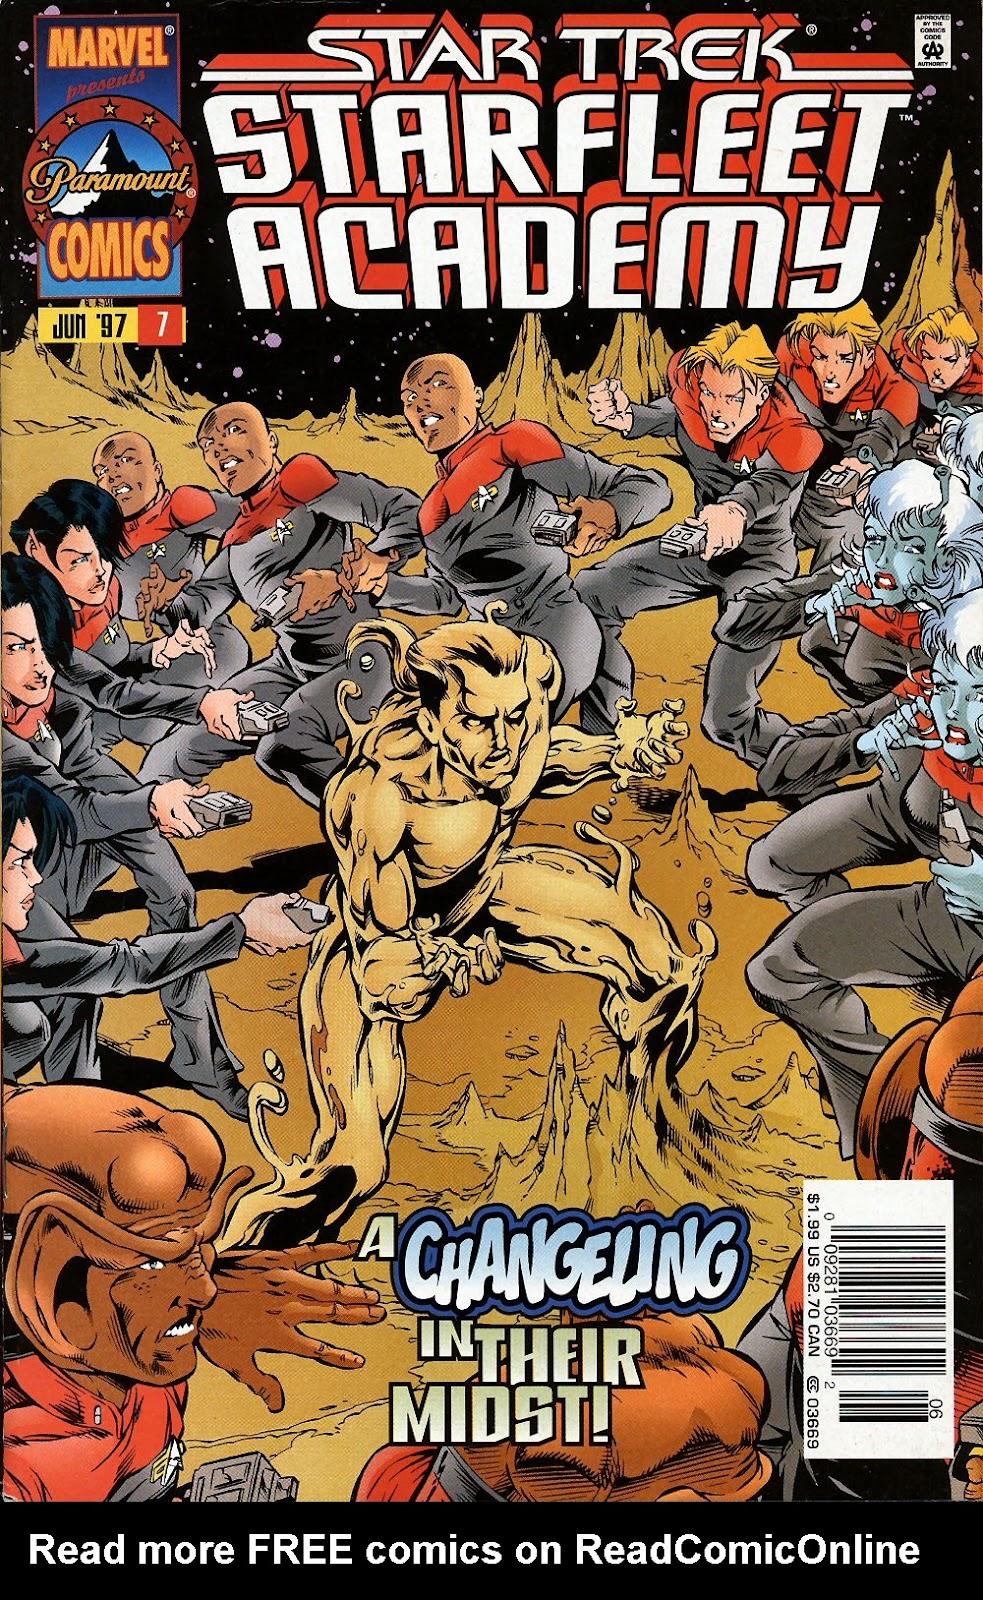 Star Trek: Starfleet Academy (1996) issue 7 - Page 1